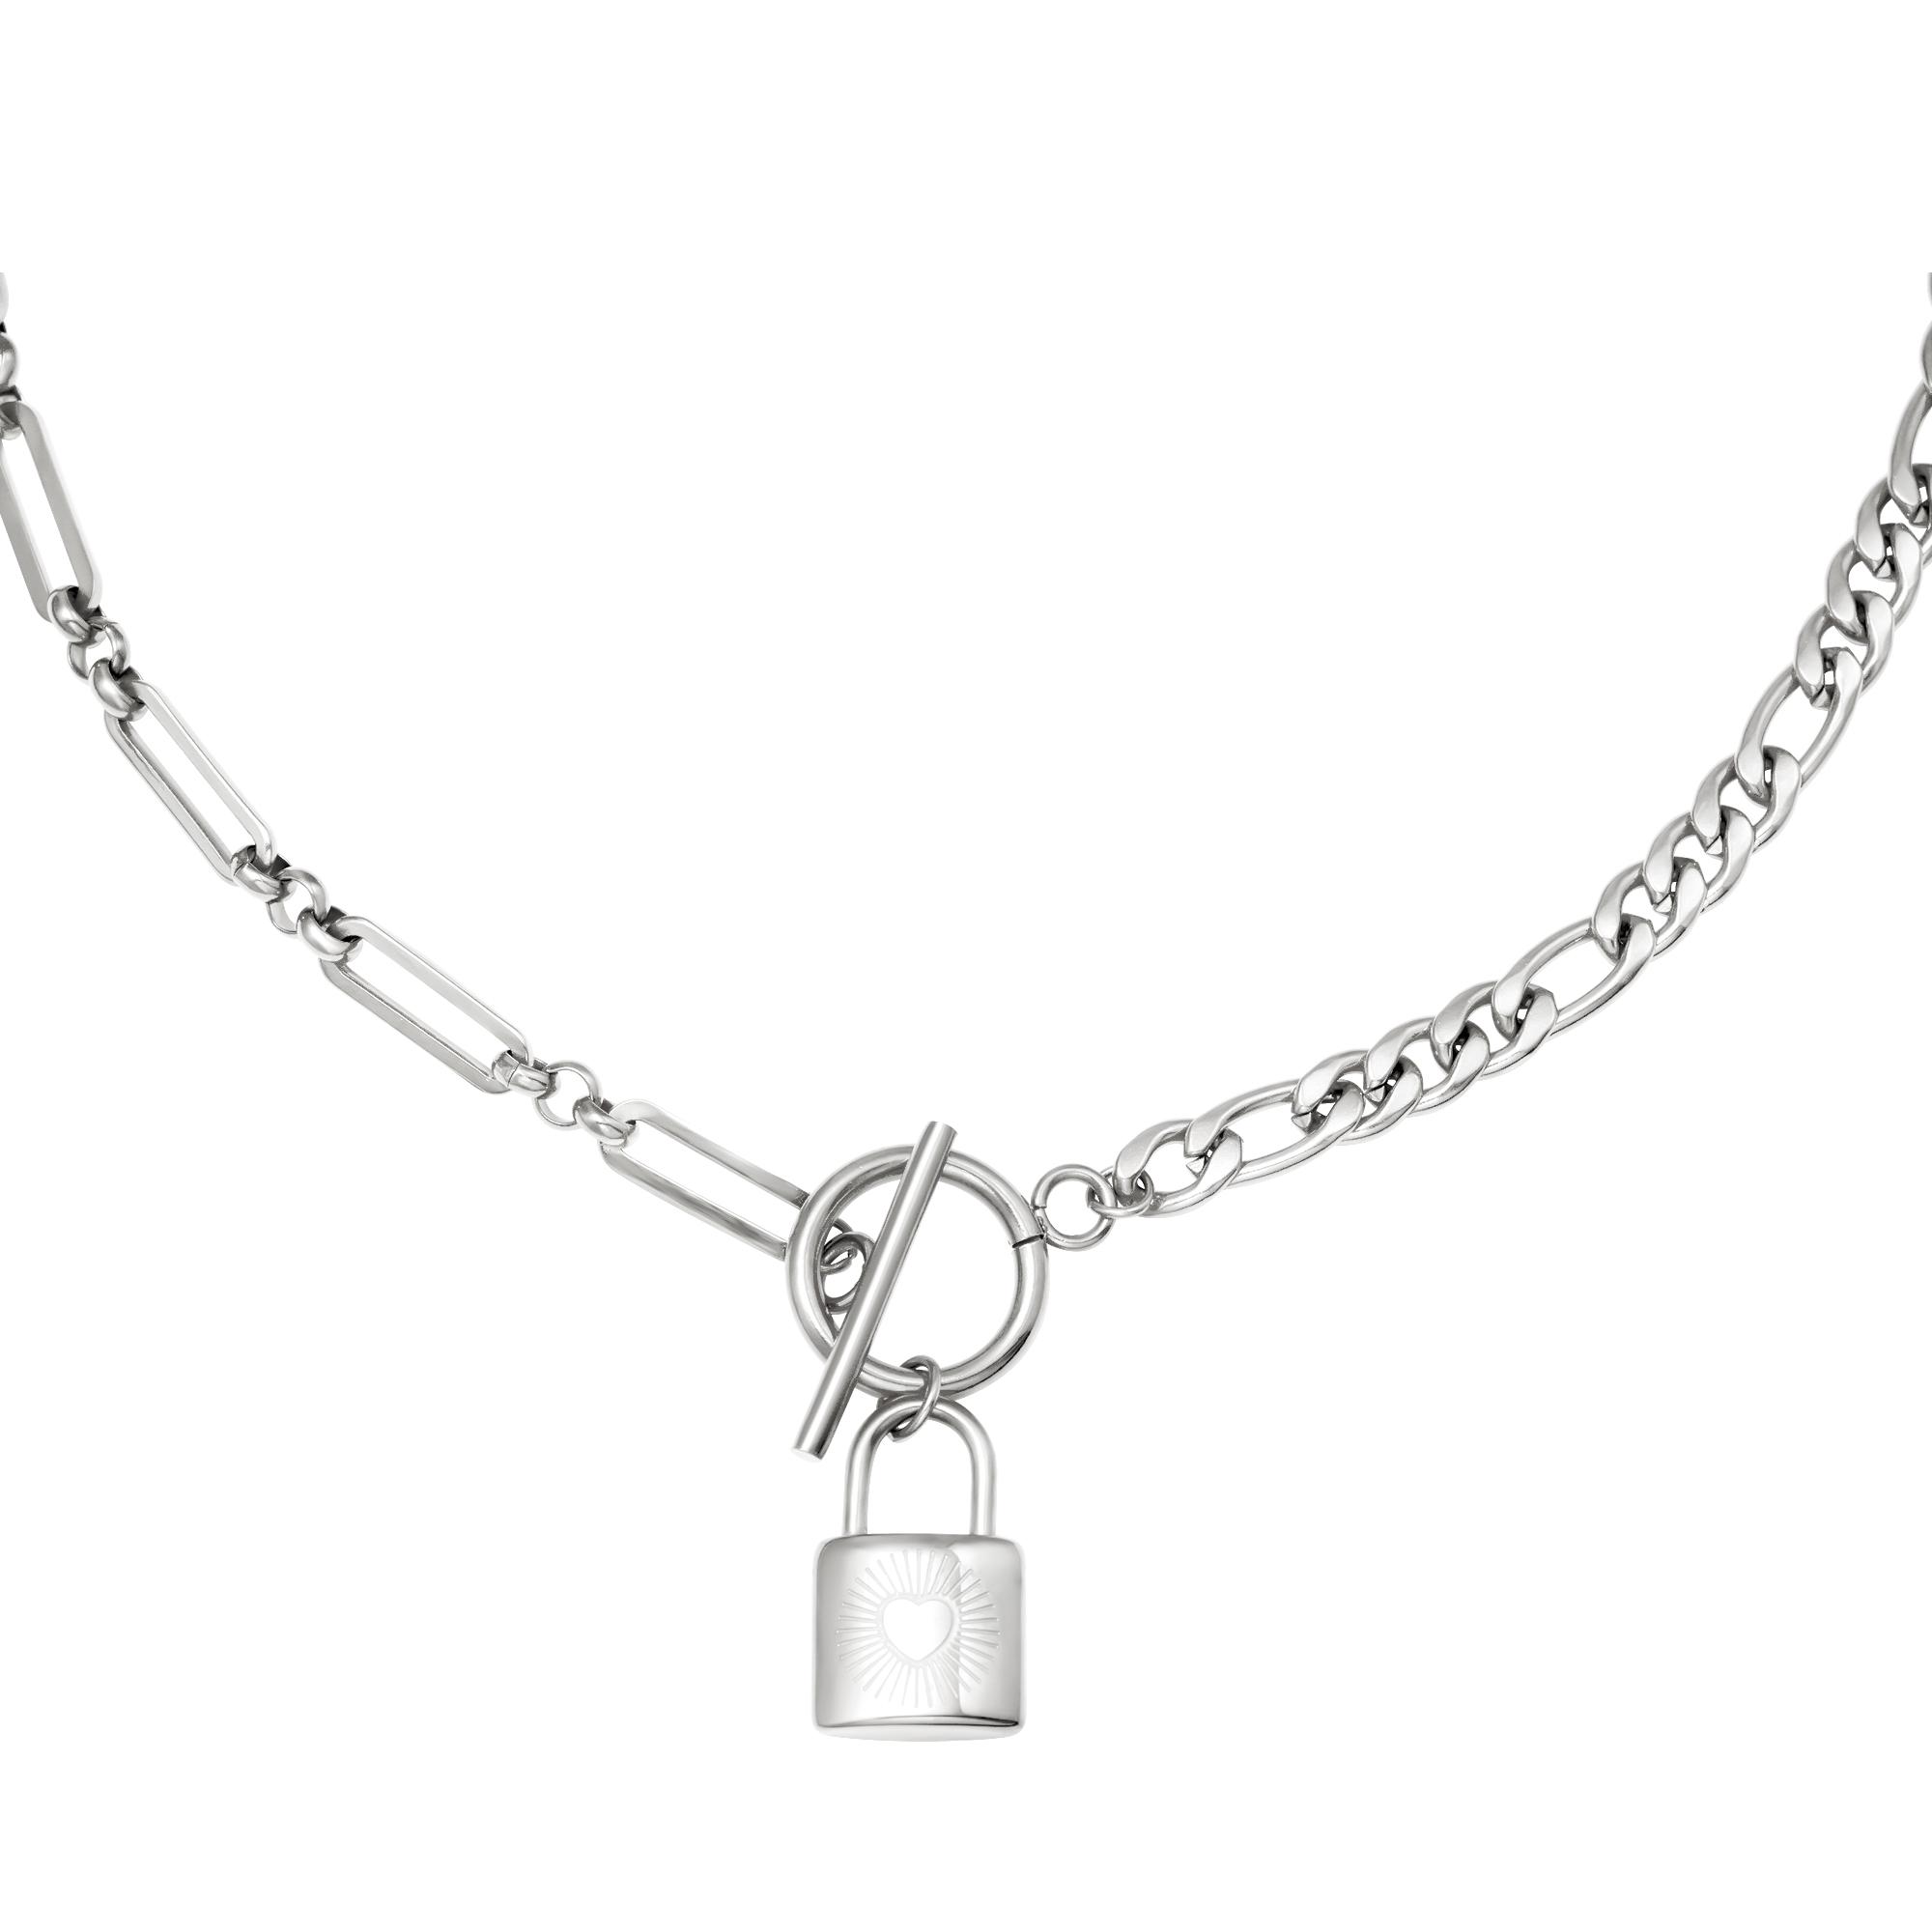 Schakelketting Chain & Lock zilver zilveren schakelketting slot bedel met hartje yehwng sieraden kopen bestellen